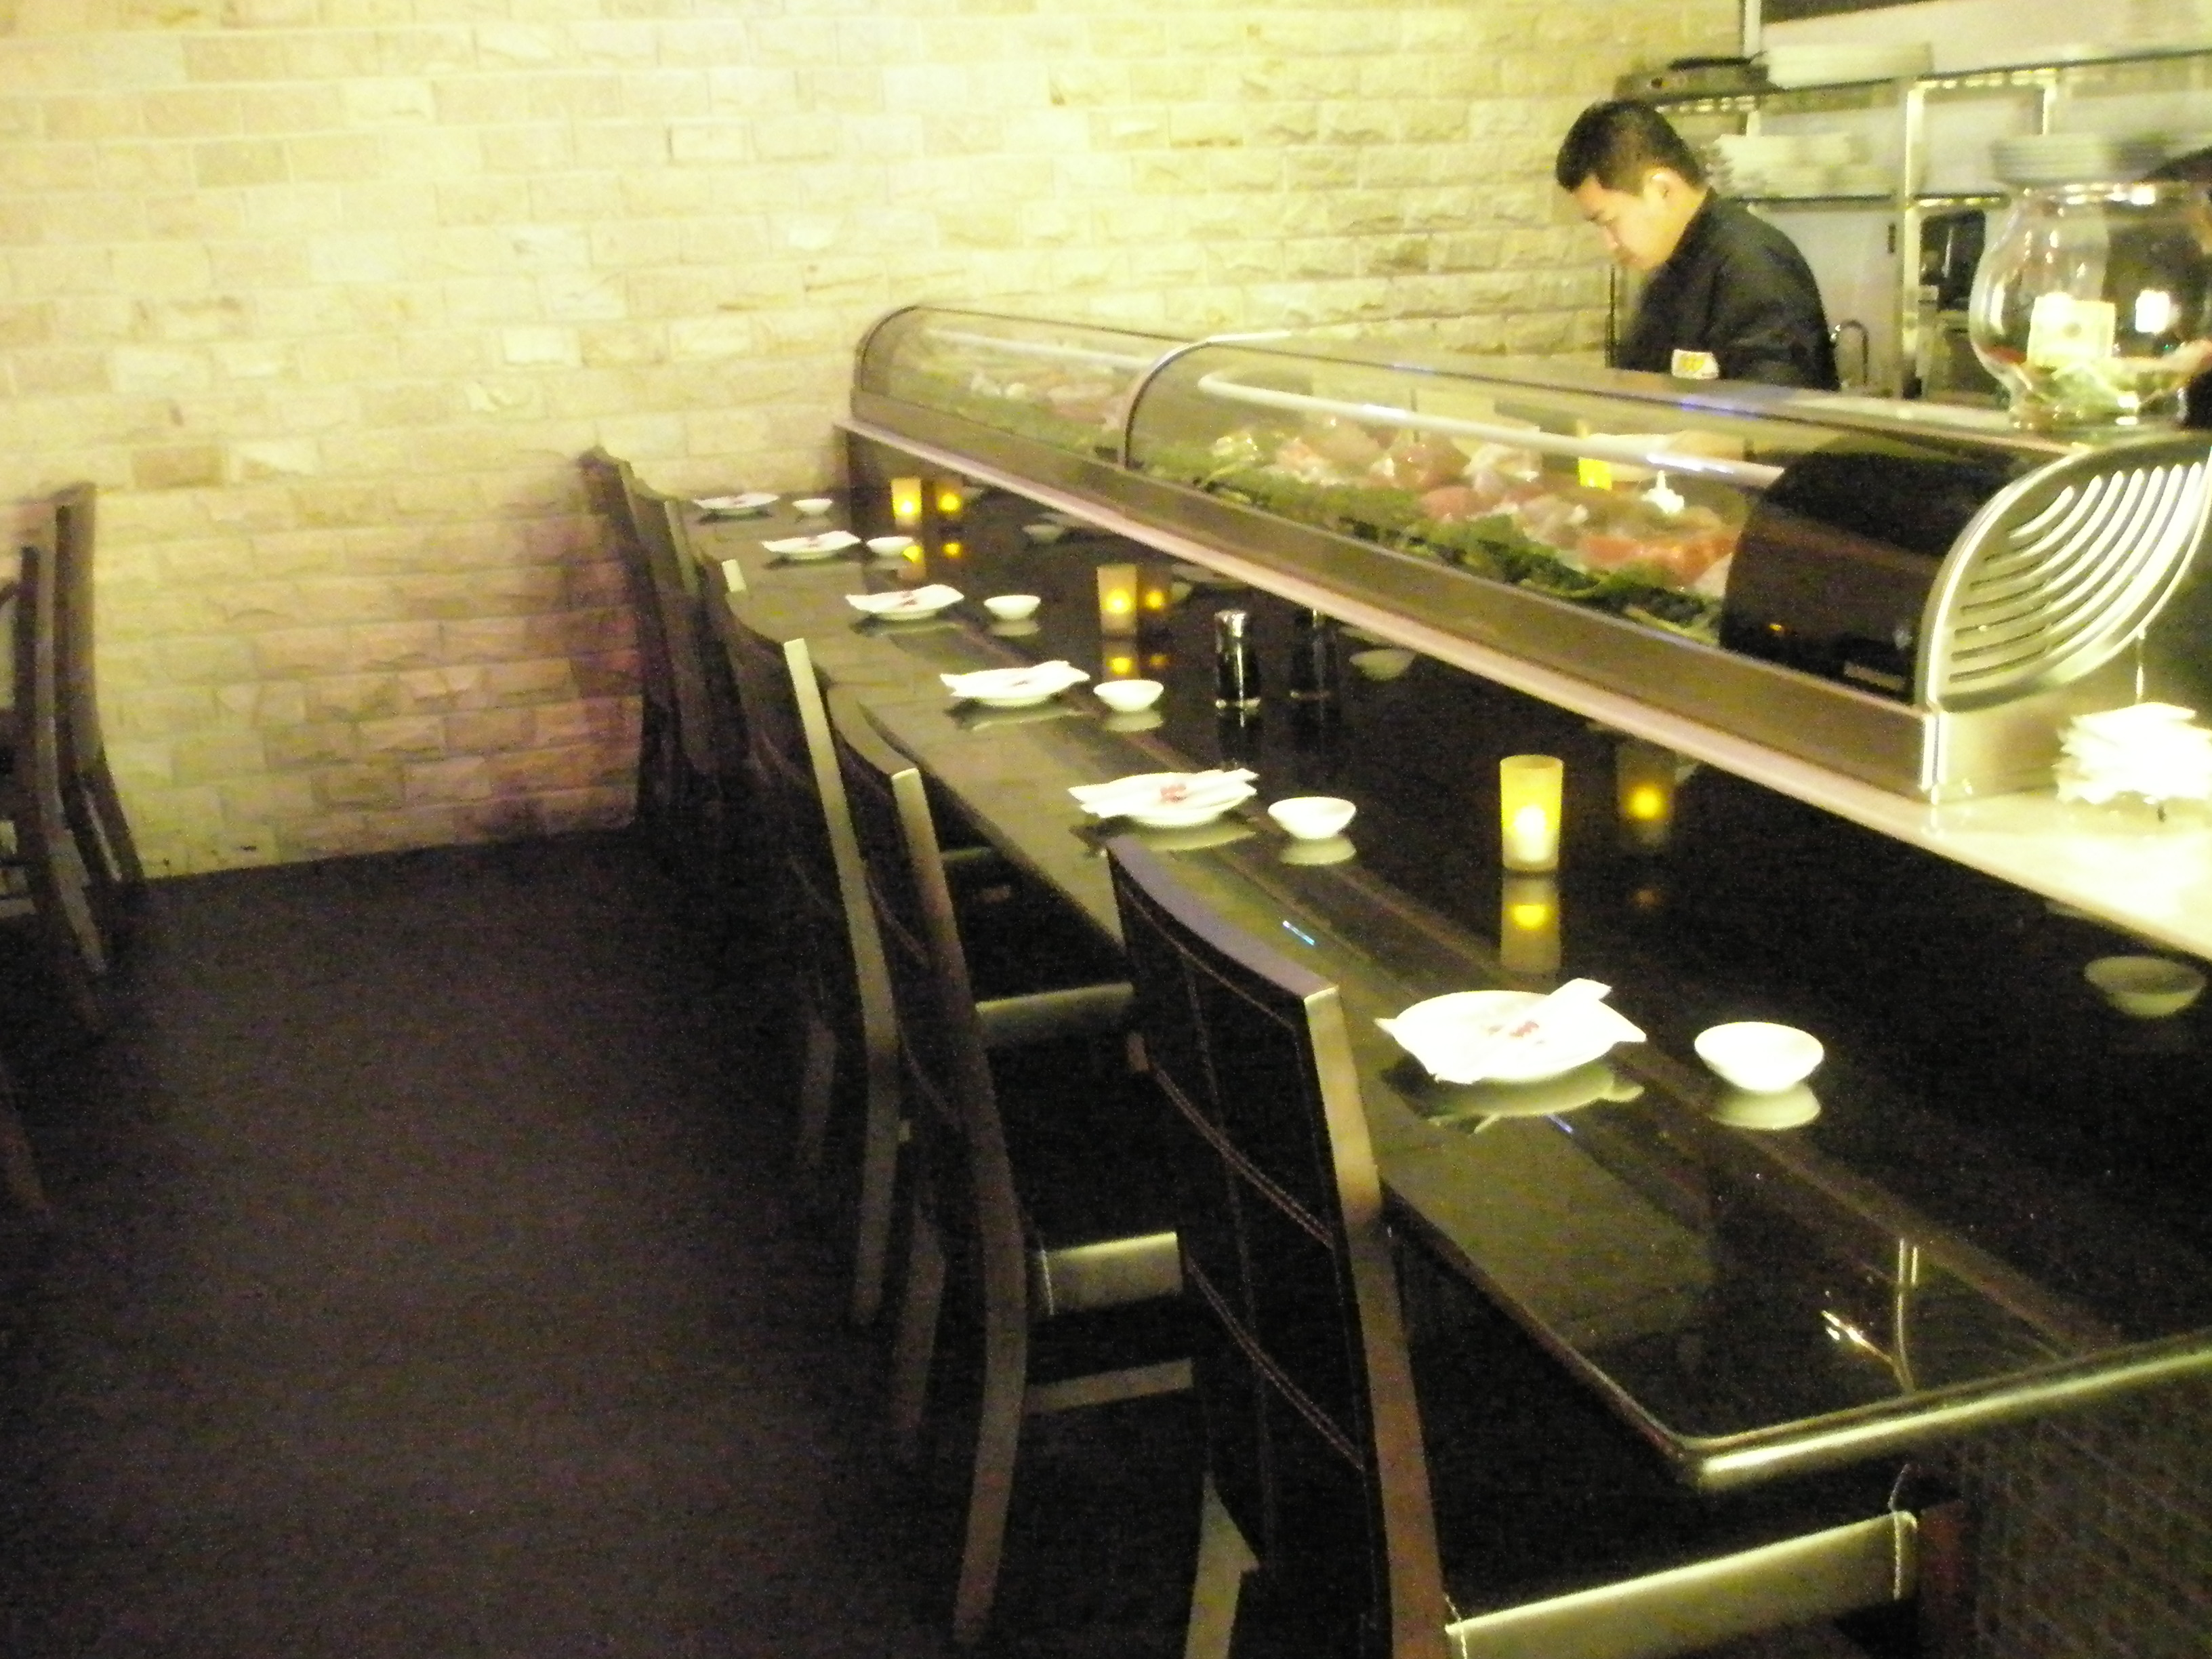 Sea40 Japanese Cuisine, Lewiston ME